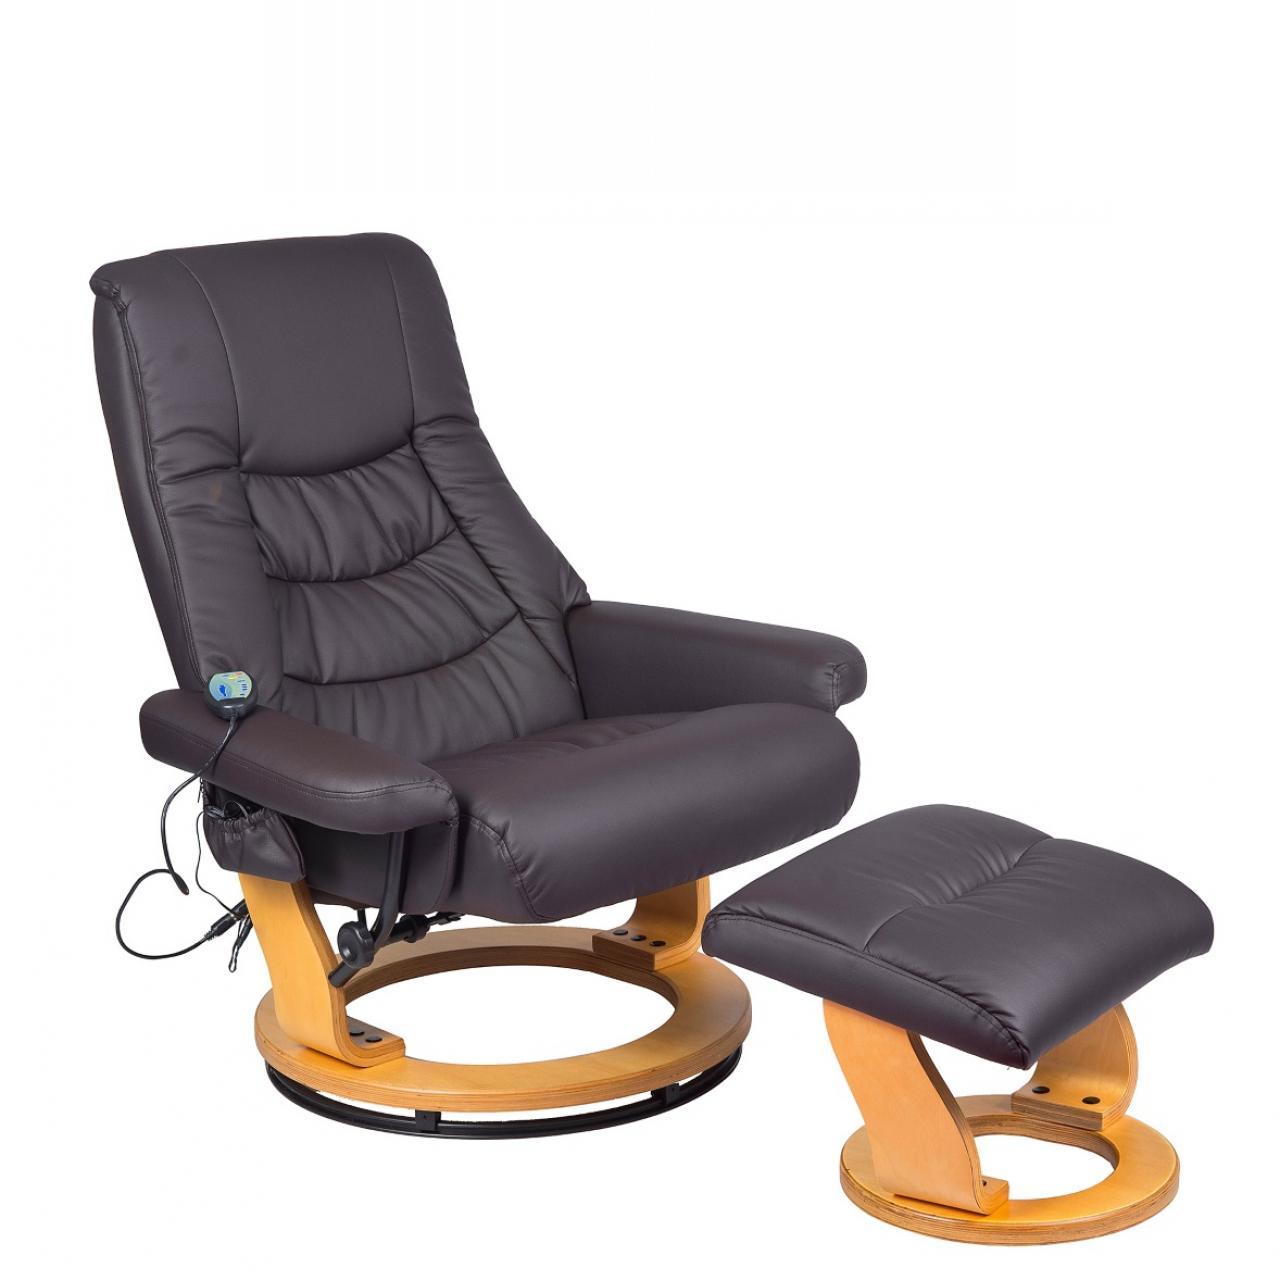 Relaxsessel Rch Adf Fl0510 Braun